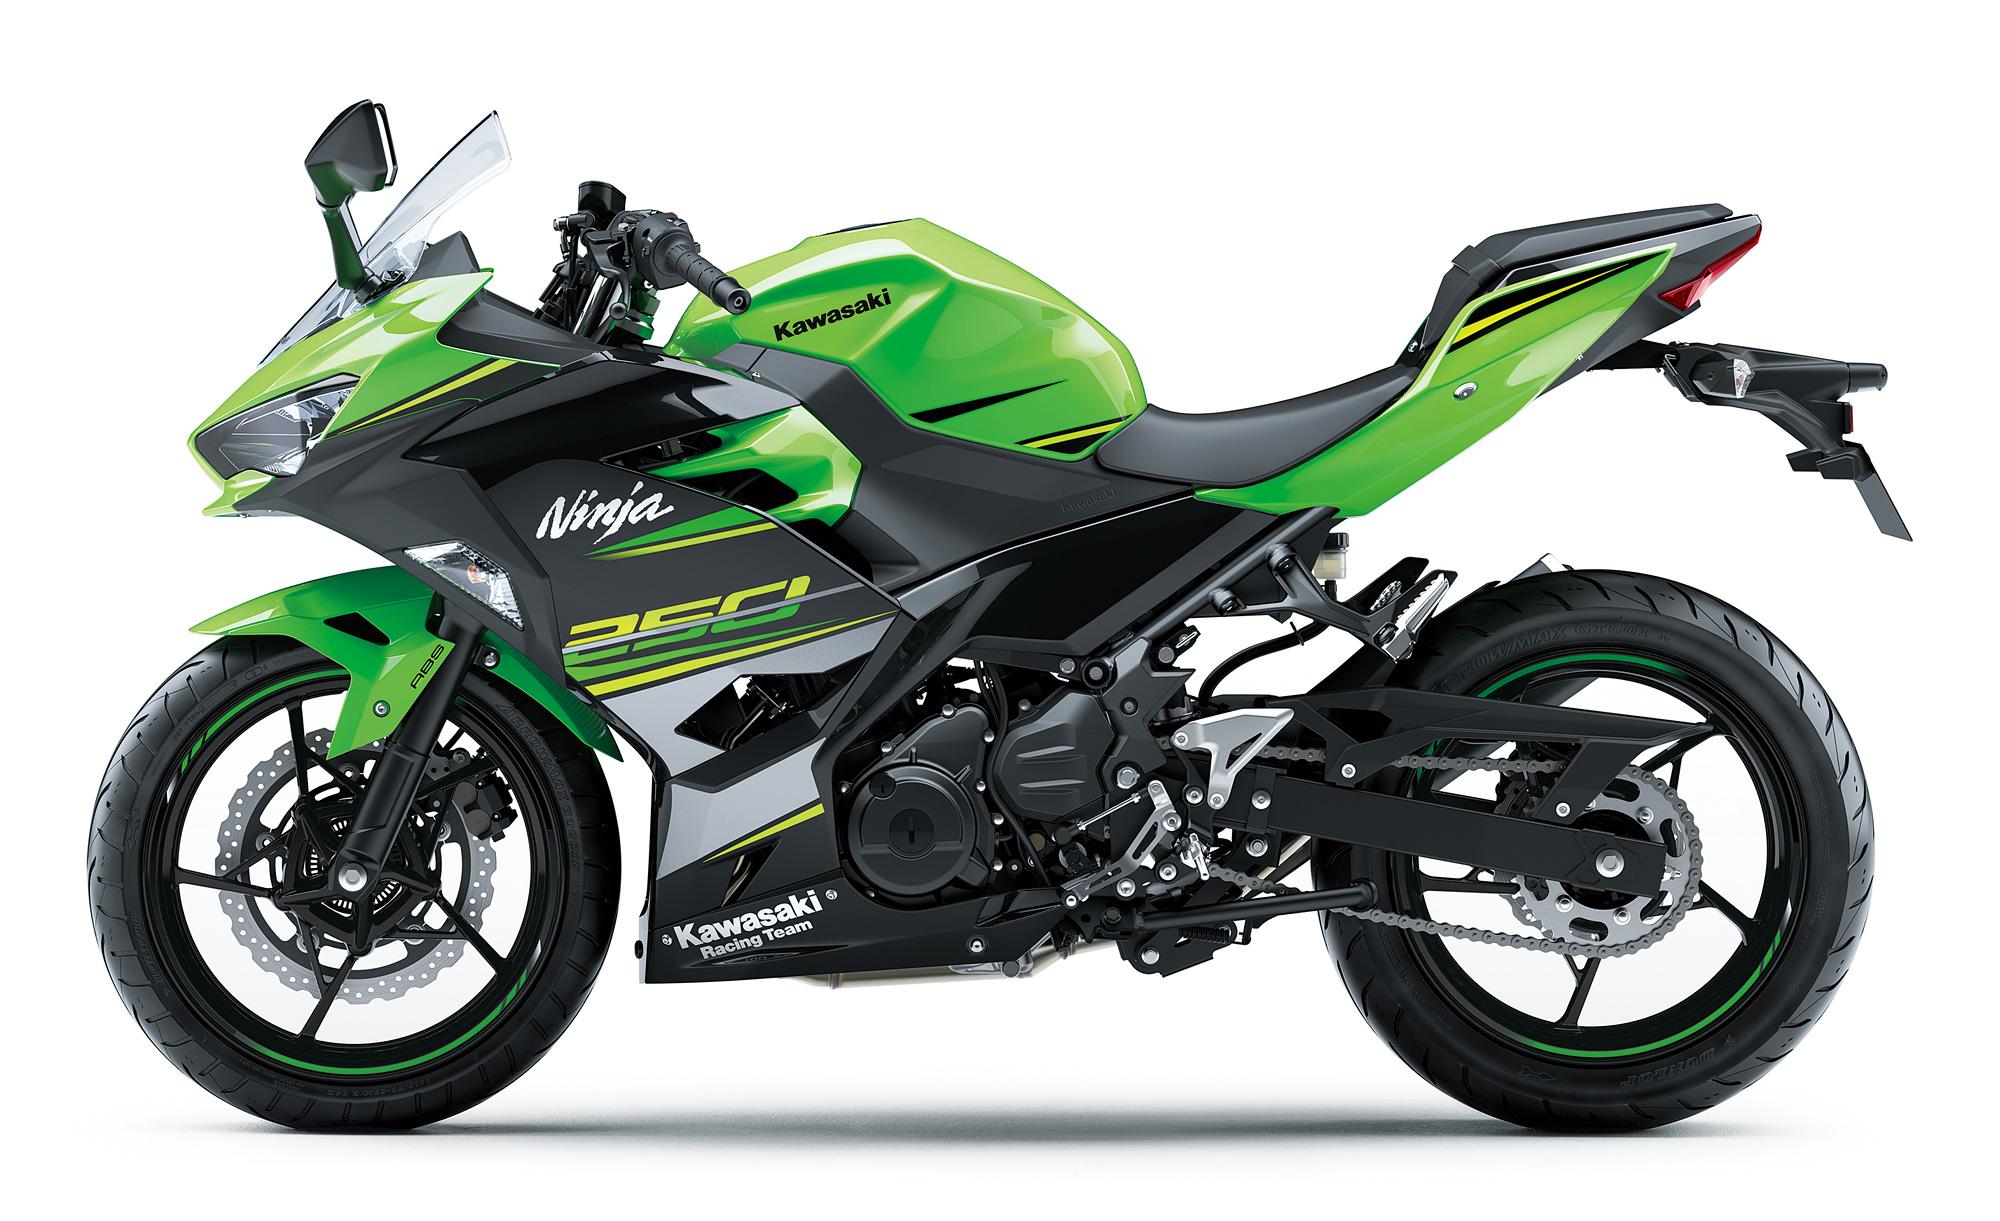 Ninja250 KRT Edition